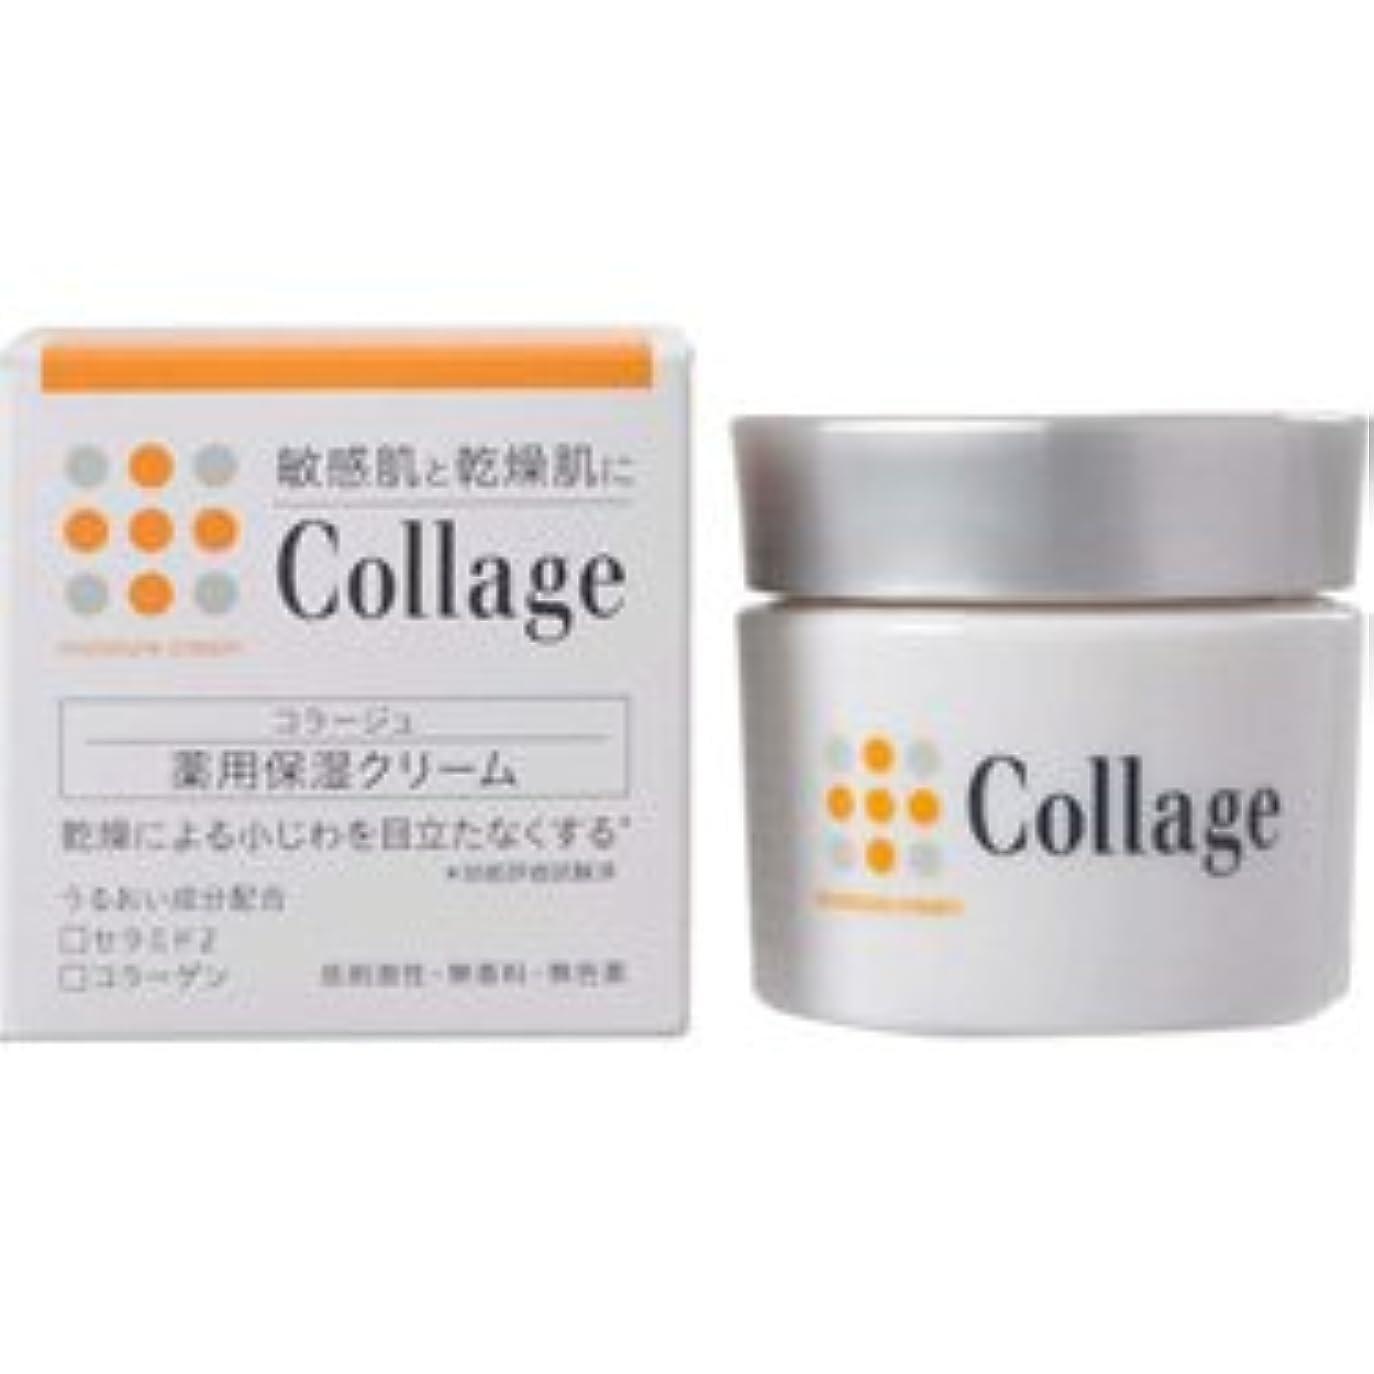 自分自身不満やさしい【持田ヘルスケア】 コラージュ薬用保湿クリーム 30g (医薬部外品) ×3個セット